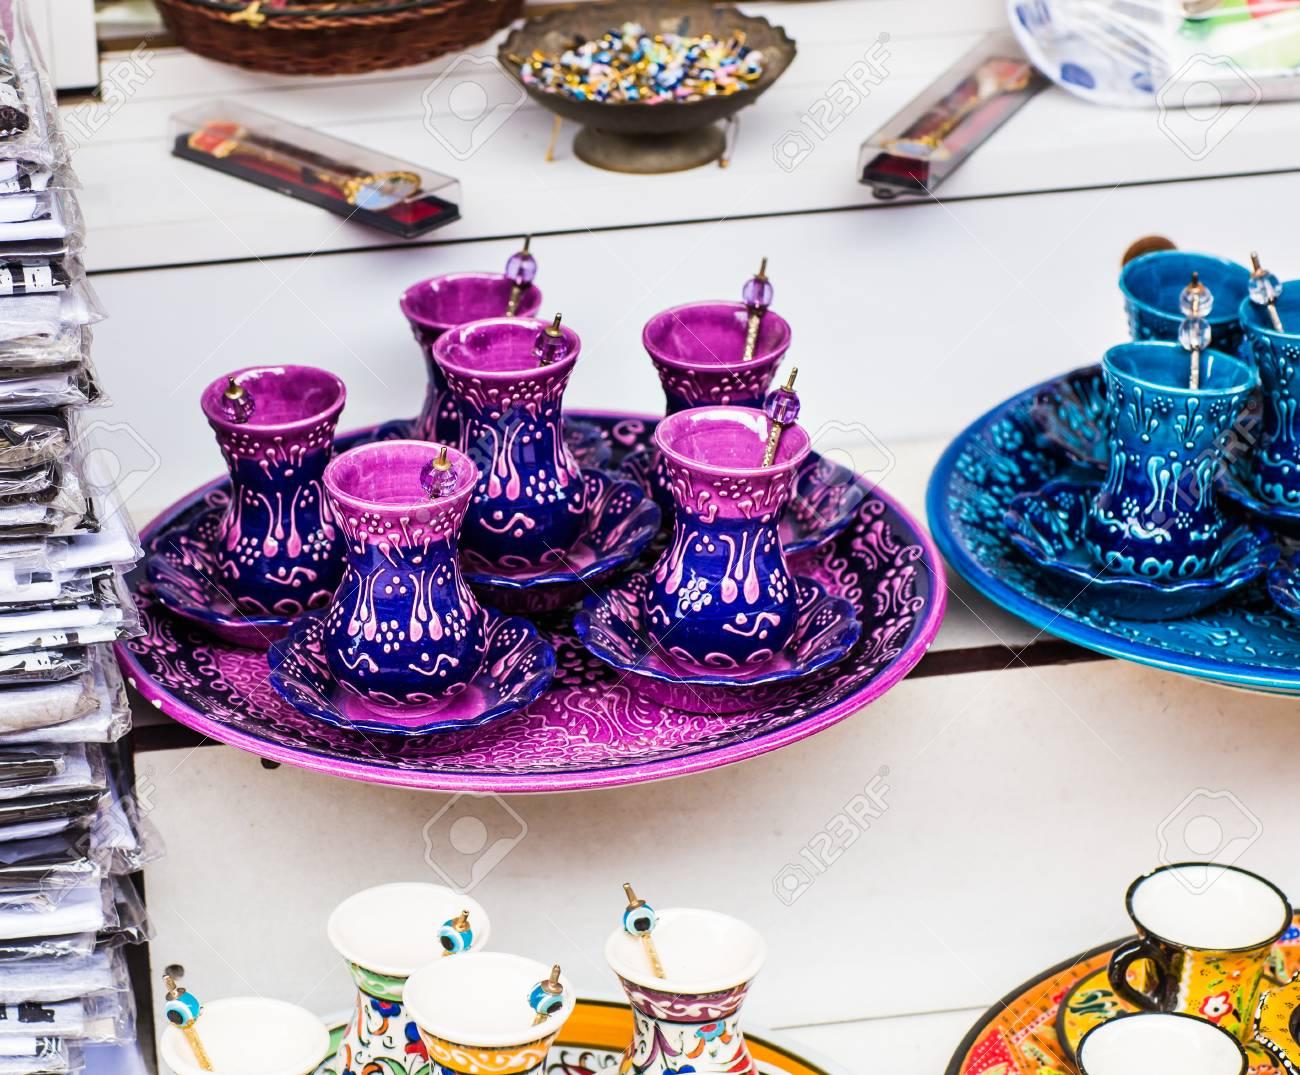 Hechos A Mano Juegos De Te Turco En El Mercado De Estambul Fotos